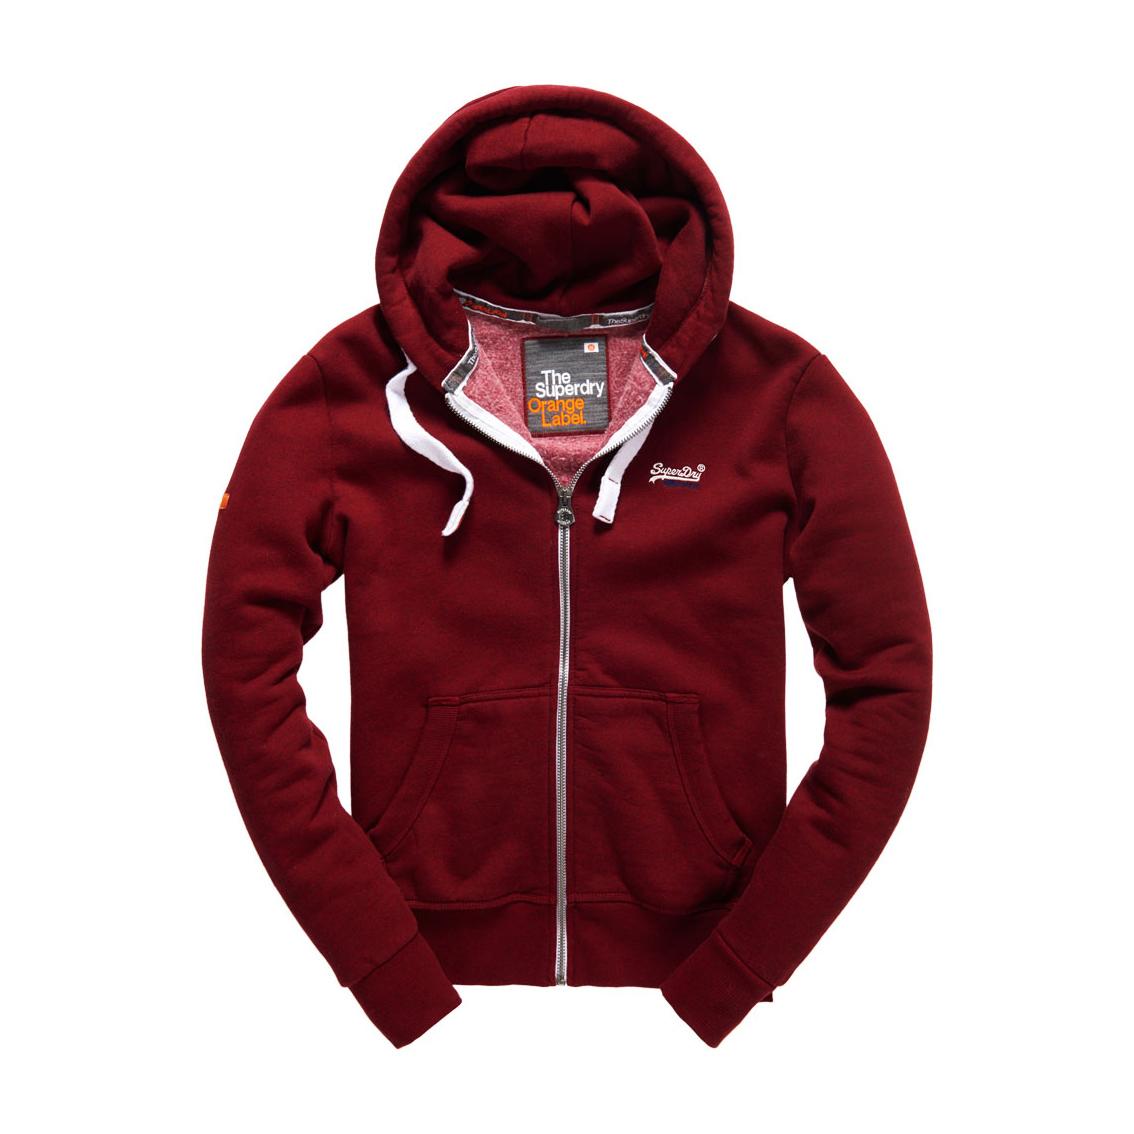 美國百分百【全新真品】Superdry 極度乾燥 連帽 外套 夾克 帽T 刷毛 拉鍊 經典款 酒紅色 S M號 F842